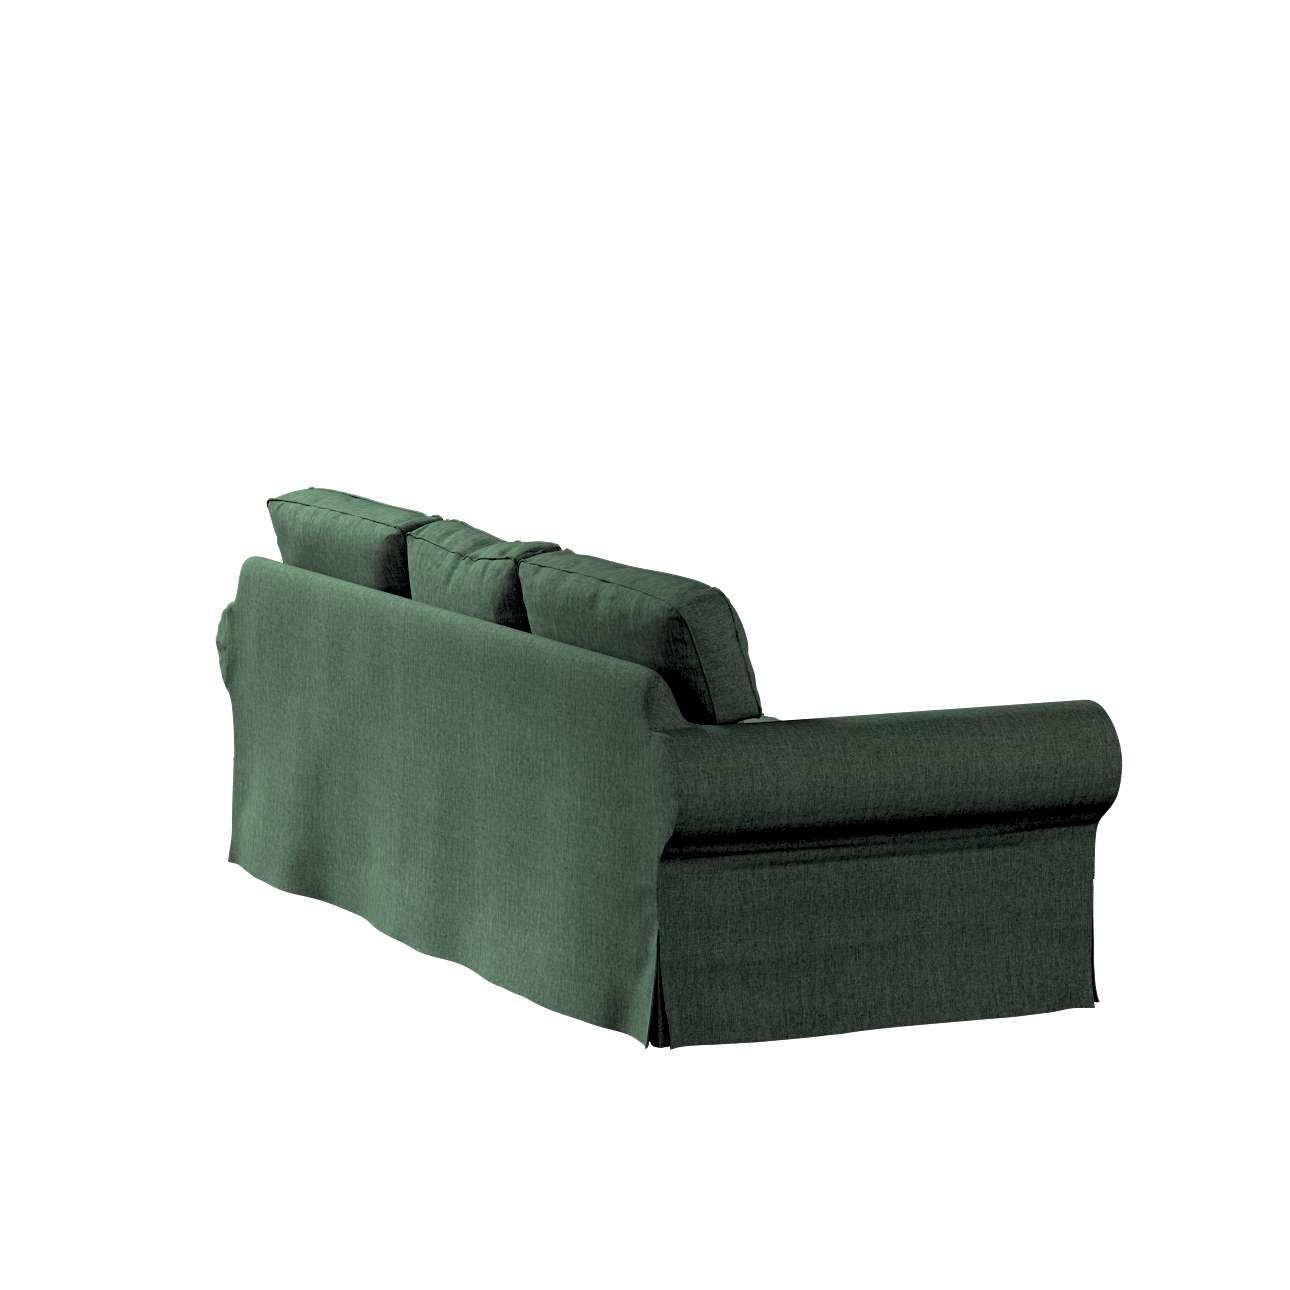 Pokrowiec na sofę Ektorp 3-osobową, nierozkładaną w kolekcji City, tkanina: 704-81